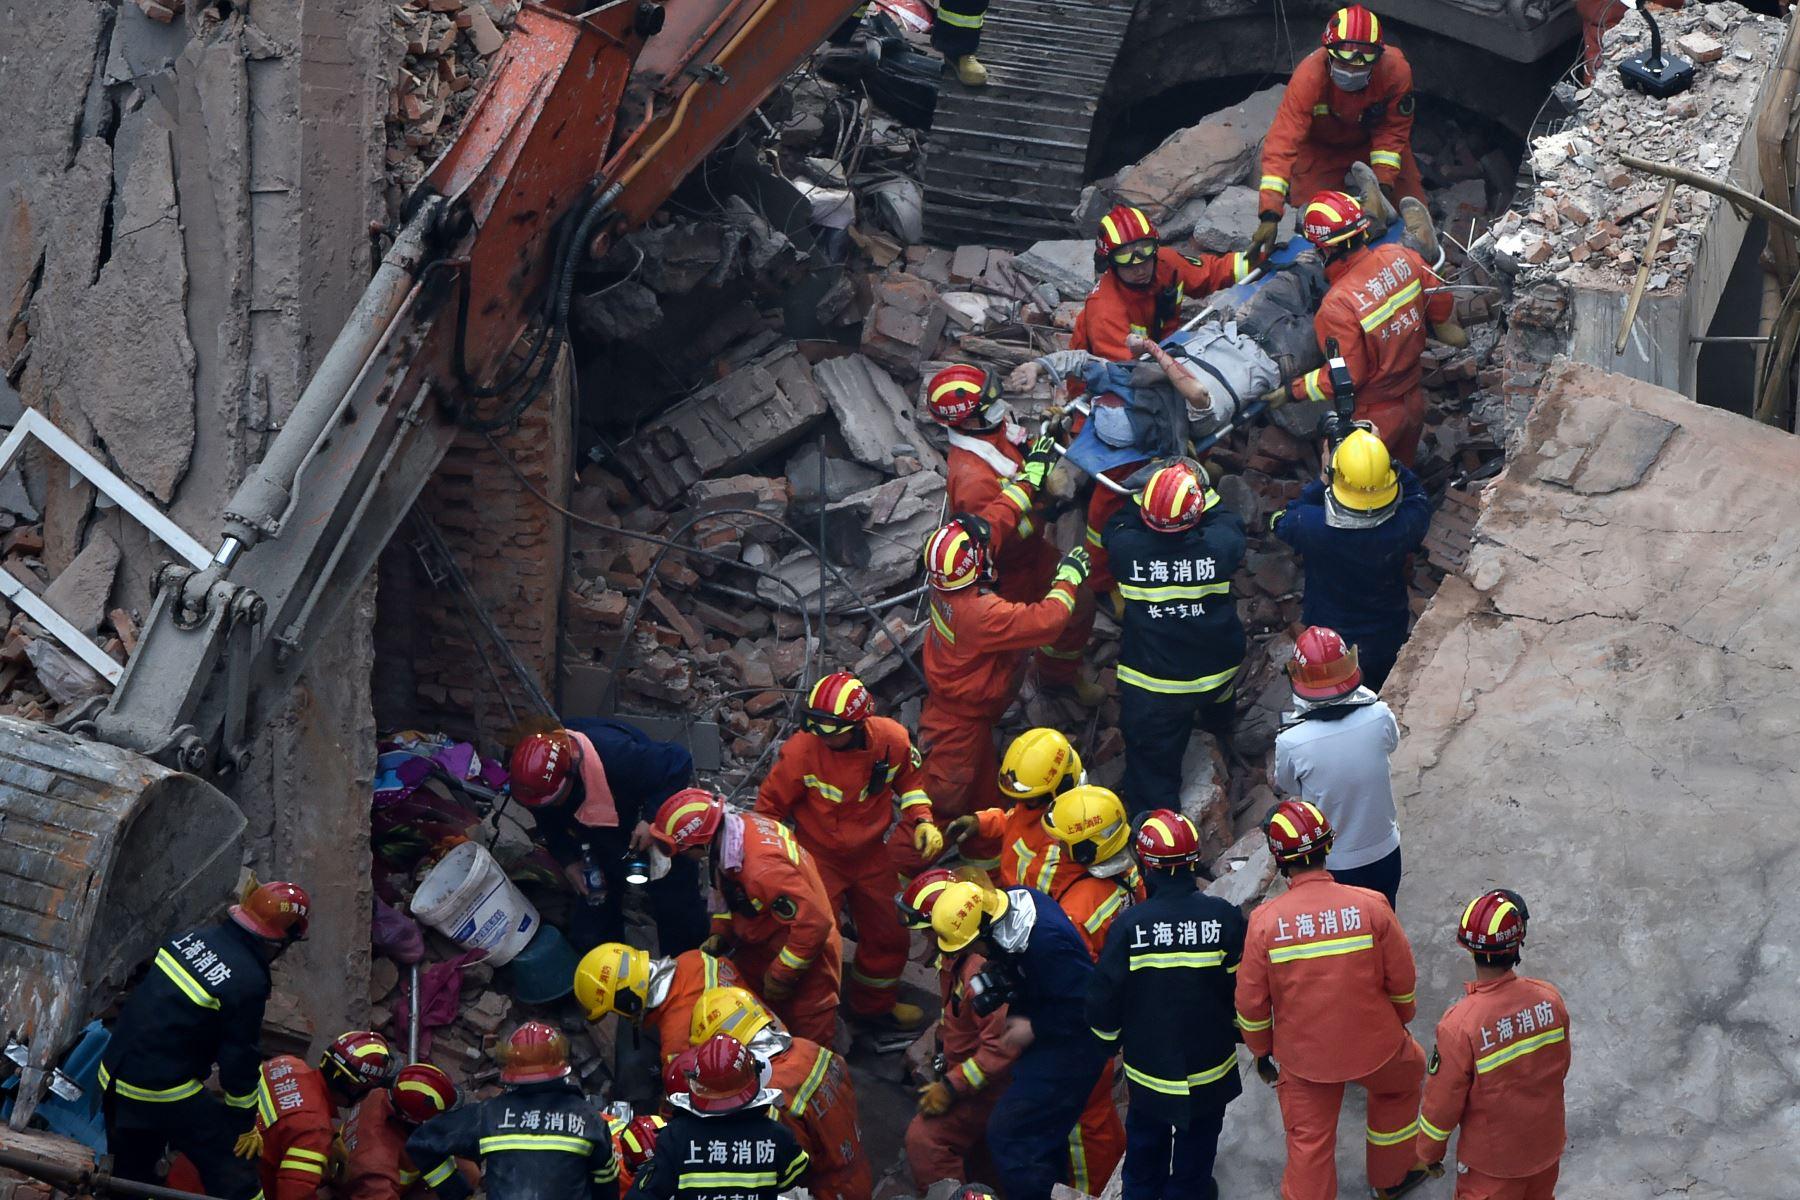 Al menos cinco personas murieron y otras 14 fueron ingresadas en un hospital tras el desplome de un edificio en el centro de Shanghái (este de China). Foto: AFP